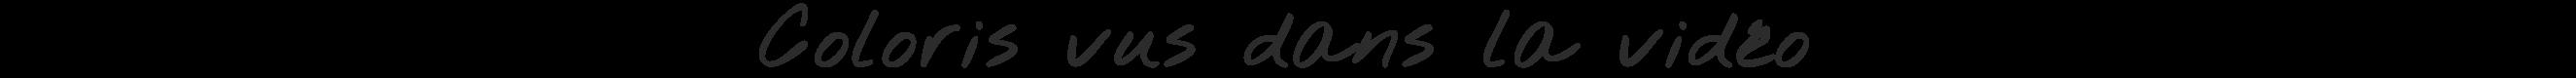 http://lookbook.allee-du-foulard.fr/wp-content/uploads/2018/06/0679-ADF-Accessoires-de-mode-LB-Coll_geometrique-Titre-carre_chiapa-1-2650x80.png